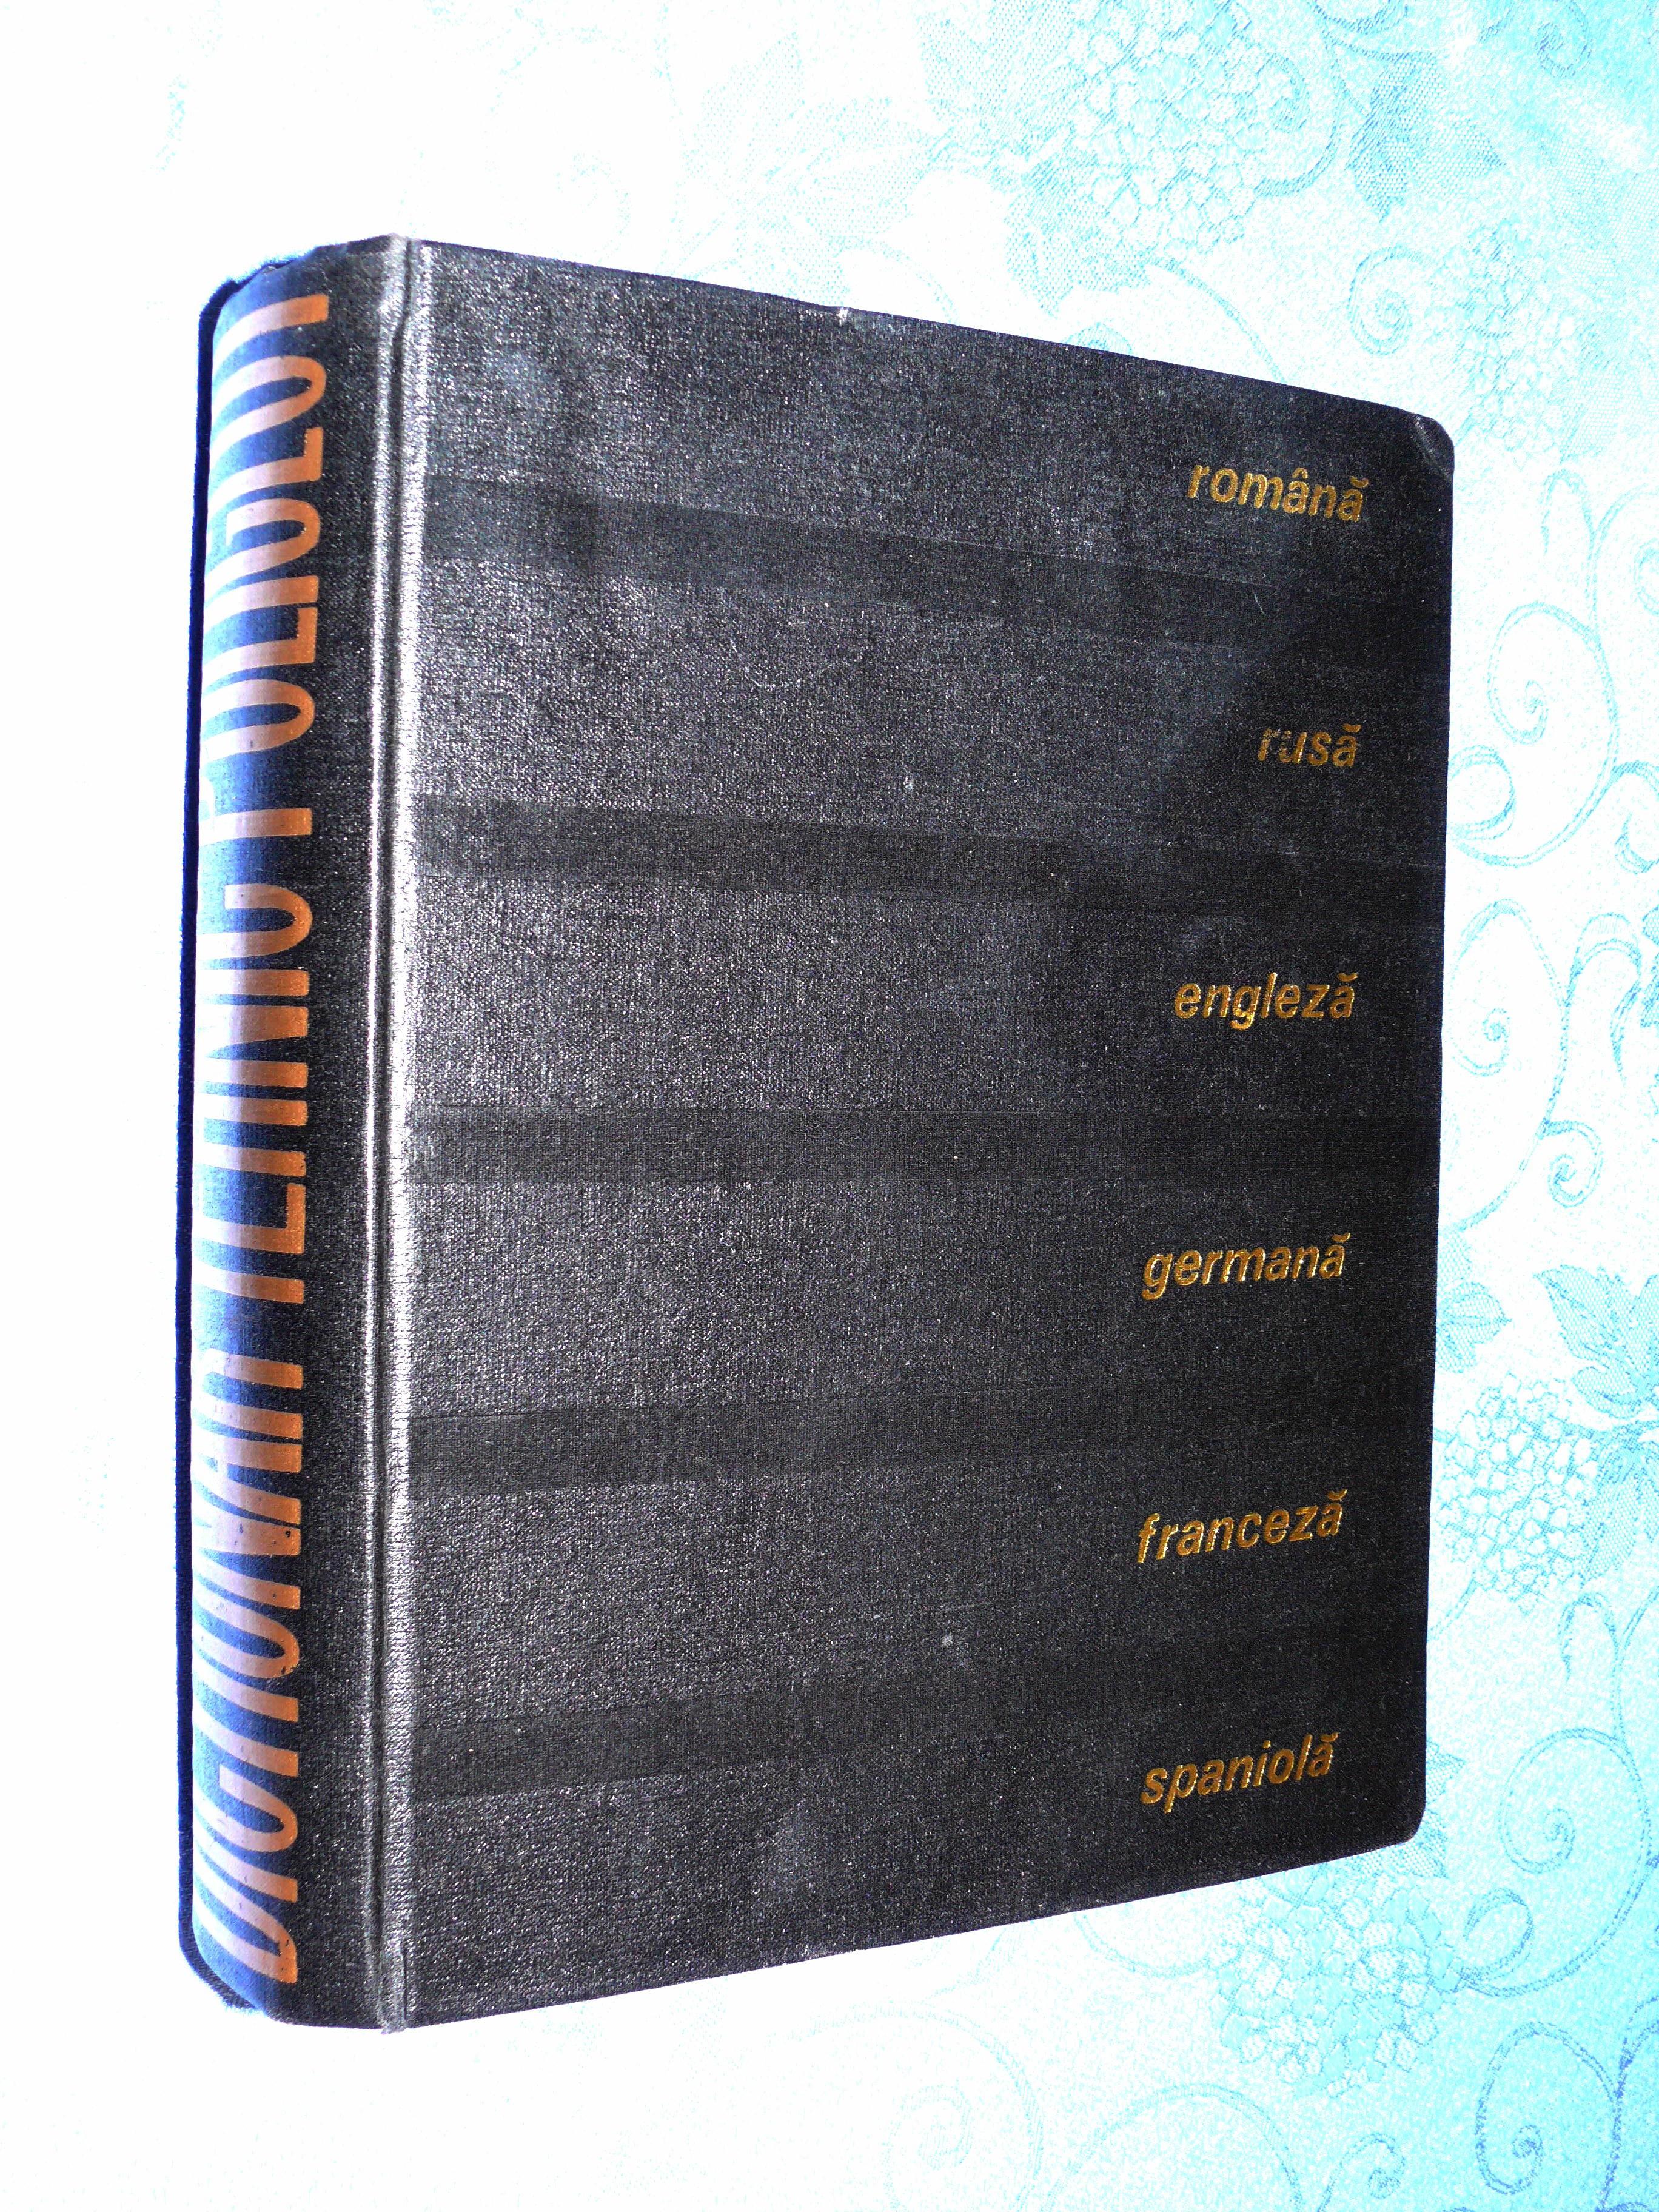 Dictionnaire technique multilingue (6 langues) 25 Saint-Laurent-de-Mure (69)